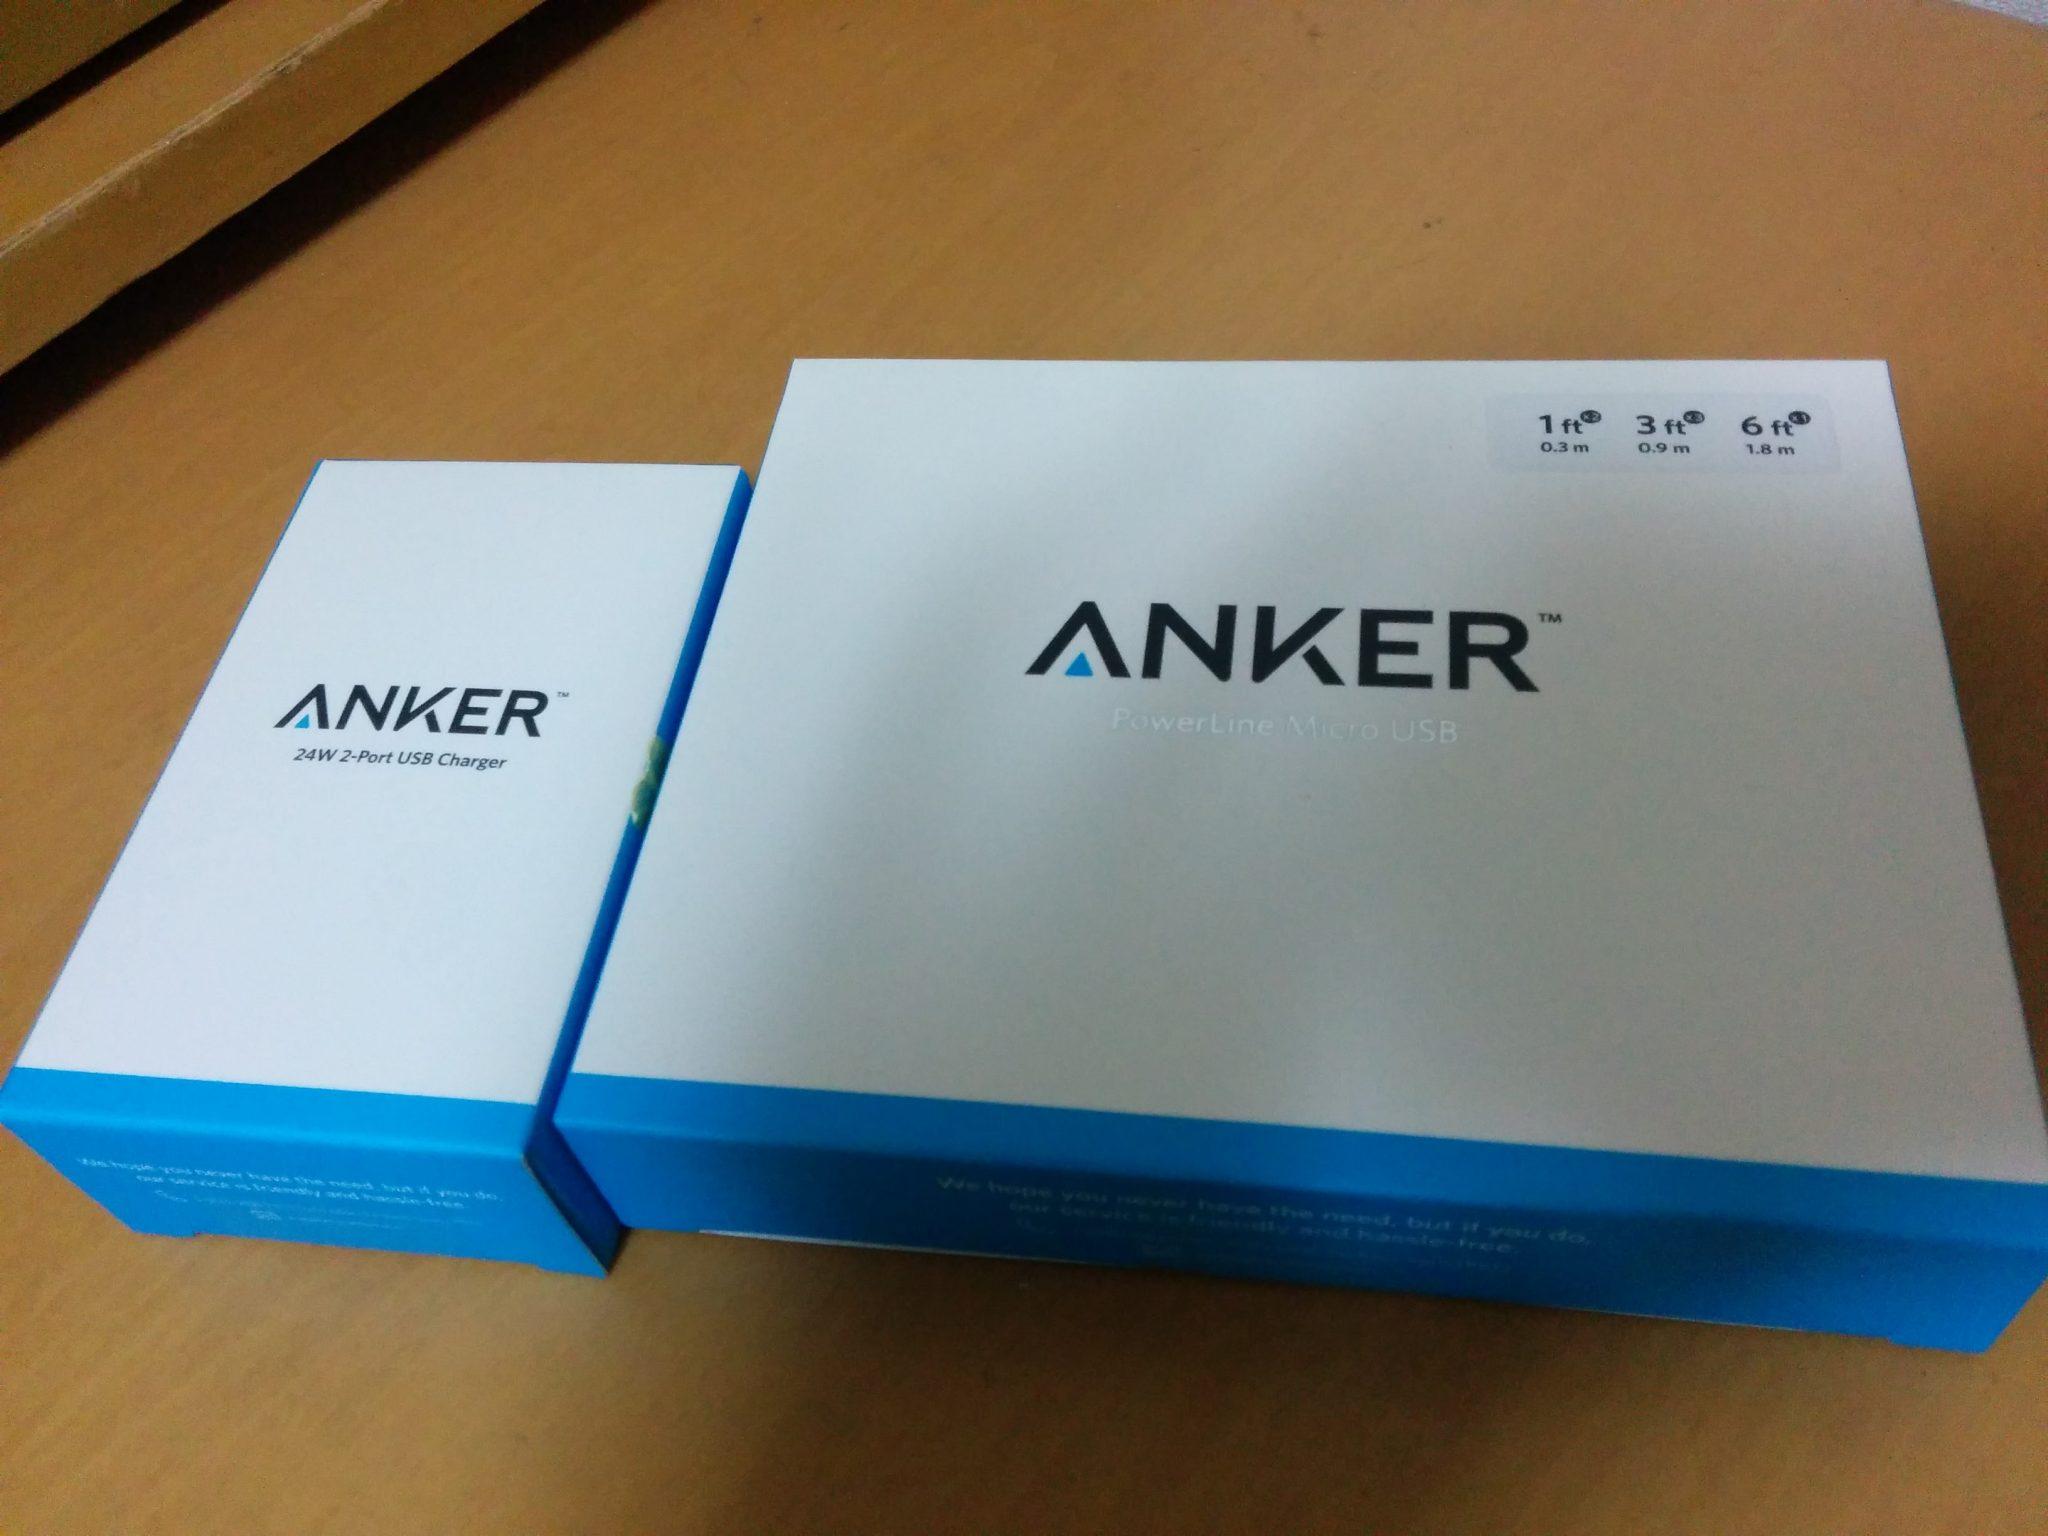 【レビュー】一辺に急速充電!ANKER製のマルチポート充電器と長さ別のマイクロUSBセット